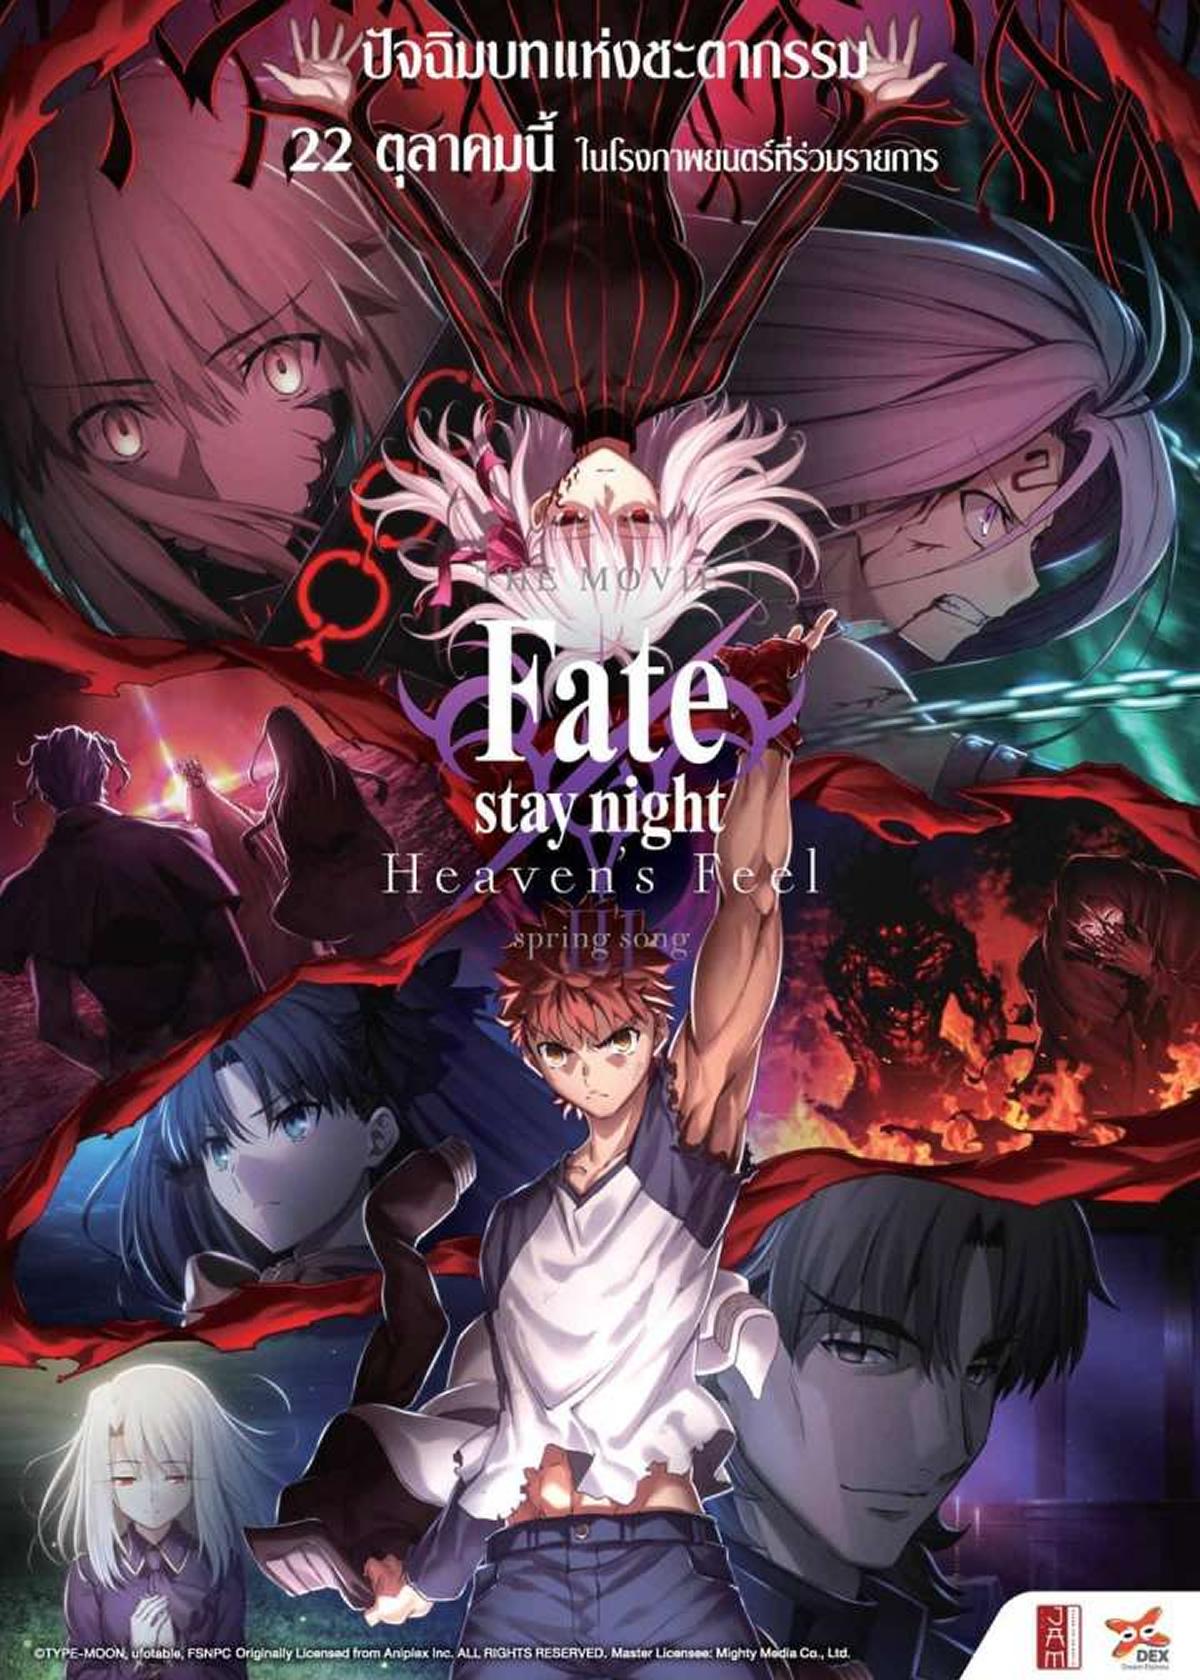 『劇場版「Fate/stay night [Heaven's Feel]」Ⅲ.spring song』タイで2020年10月22日より劇場公開